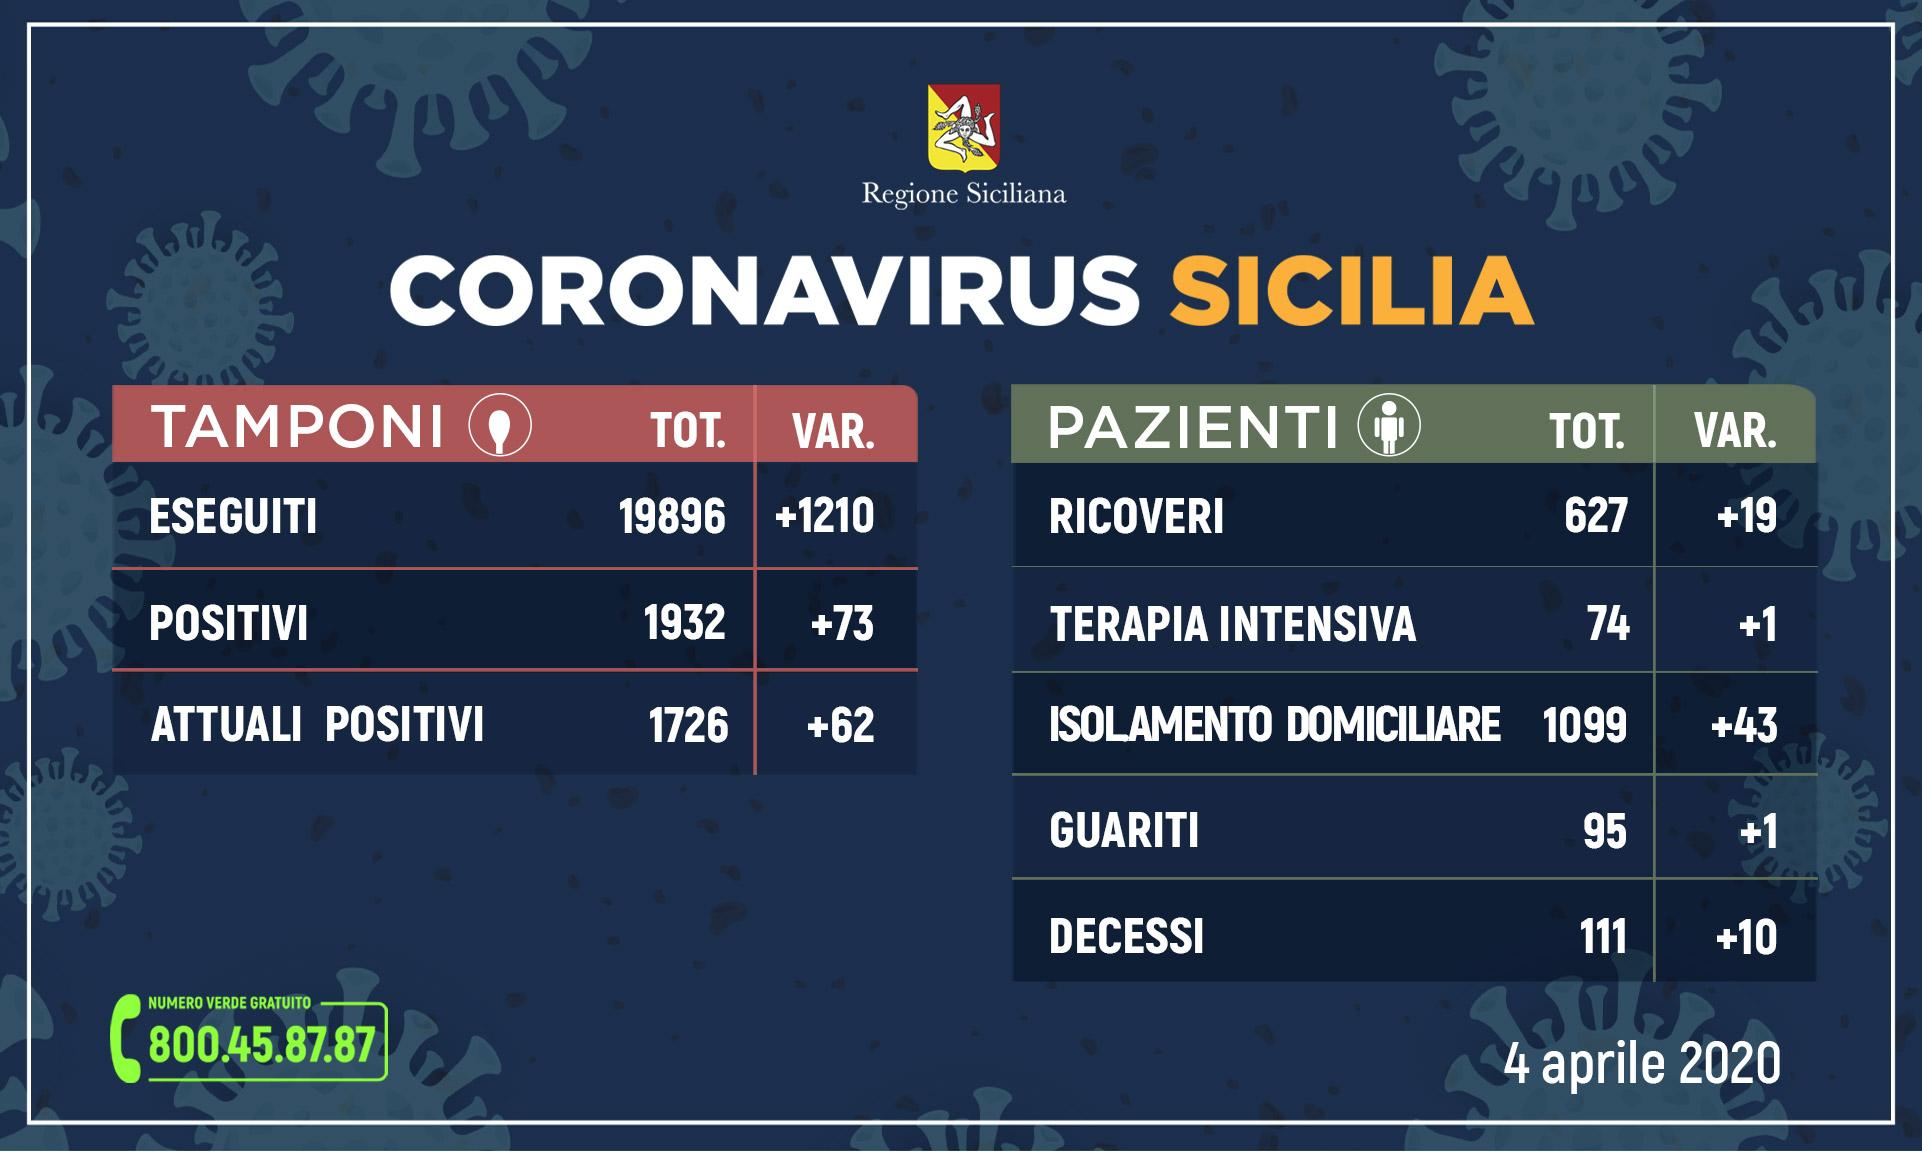 Coronavirus Sicilia, i dati del 4 aprile